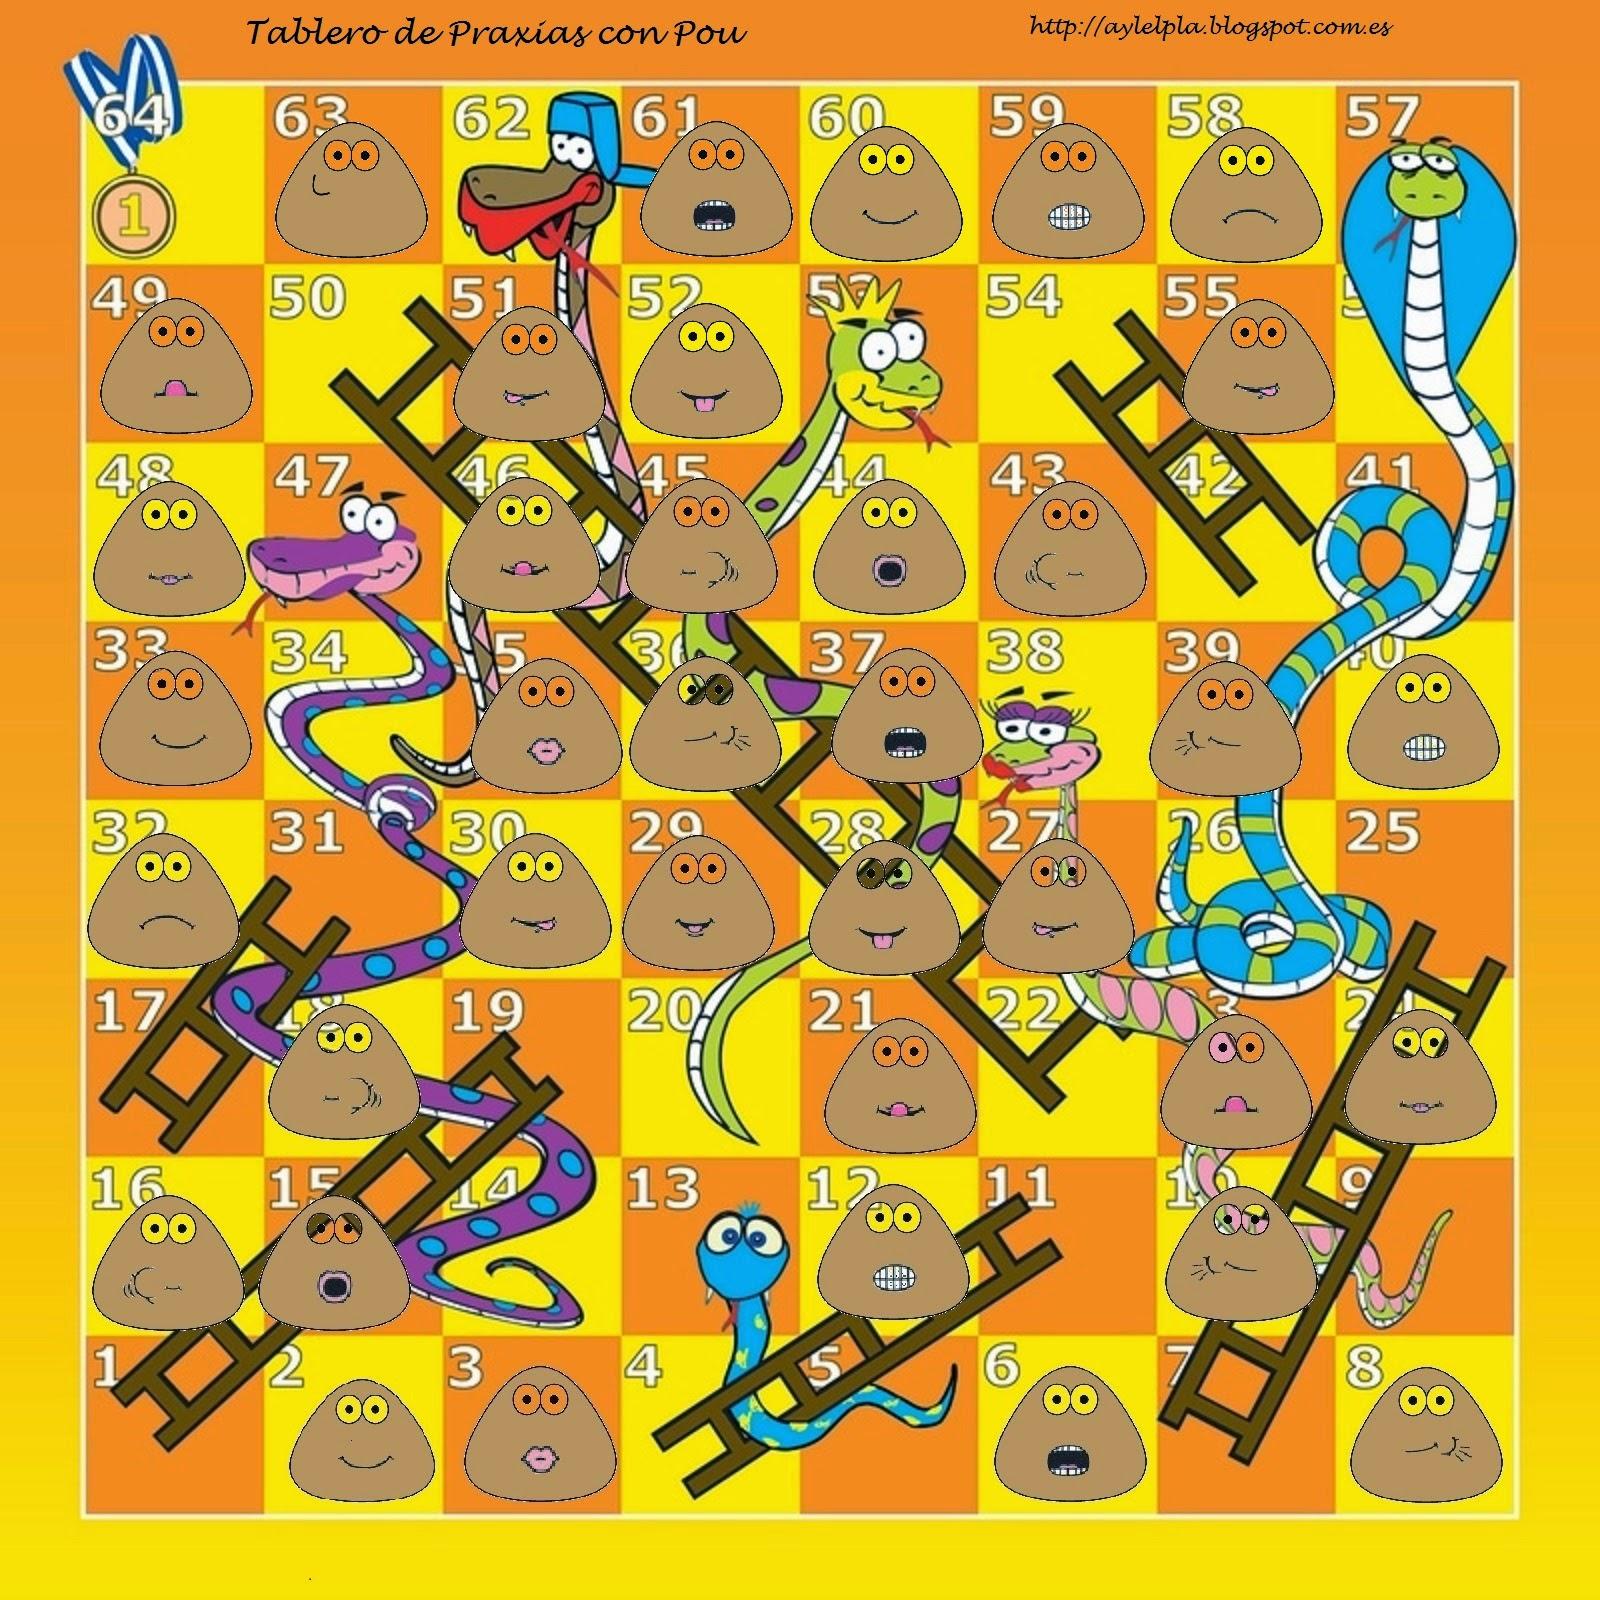 El rinconcito de audici n y lenguaje for Escaleras y serpientes imprimir